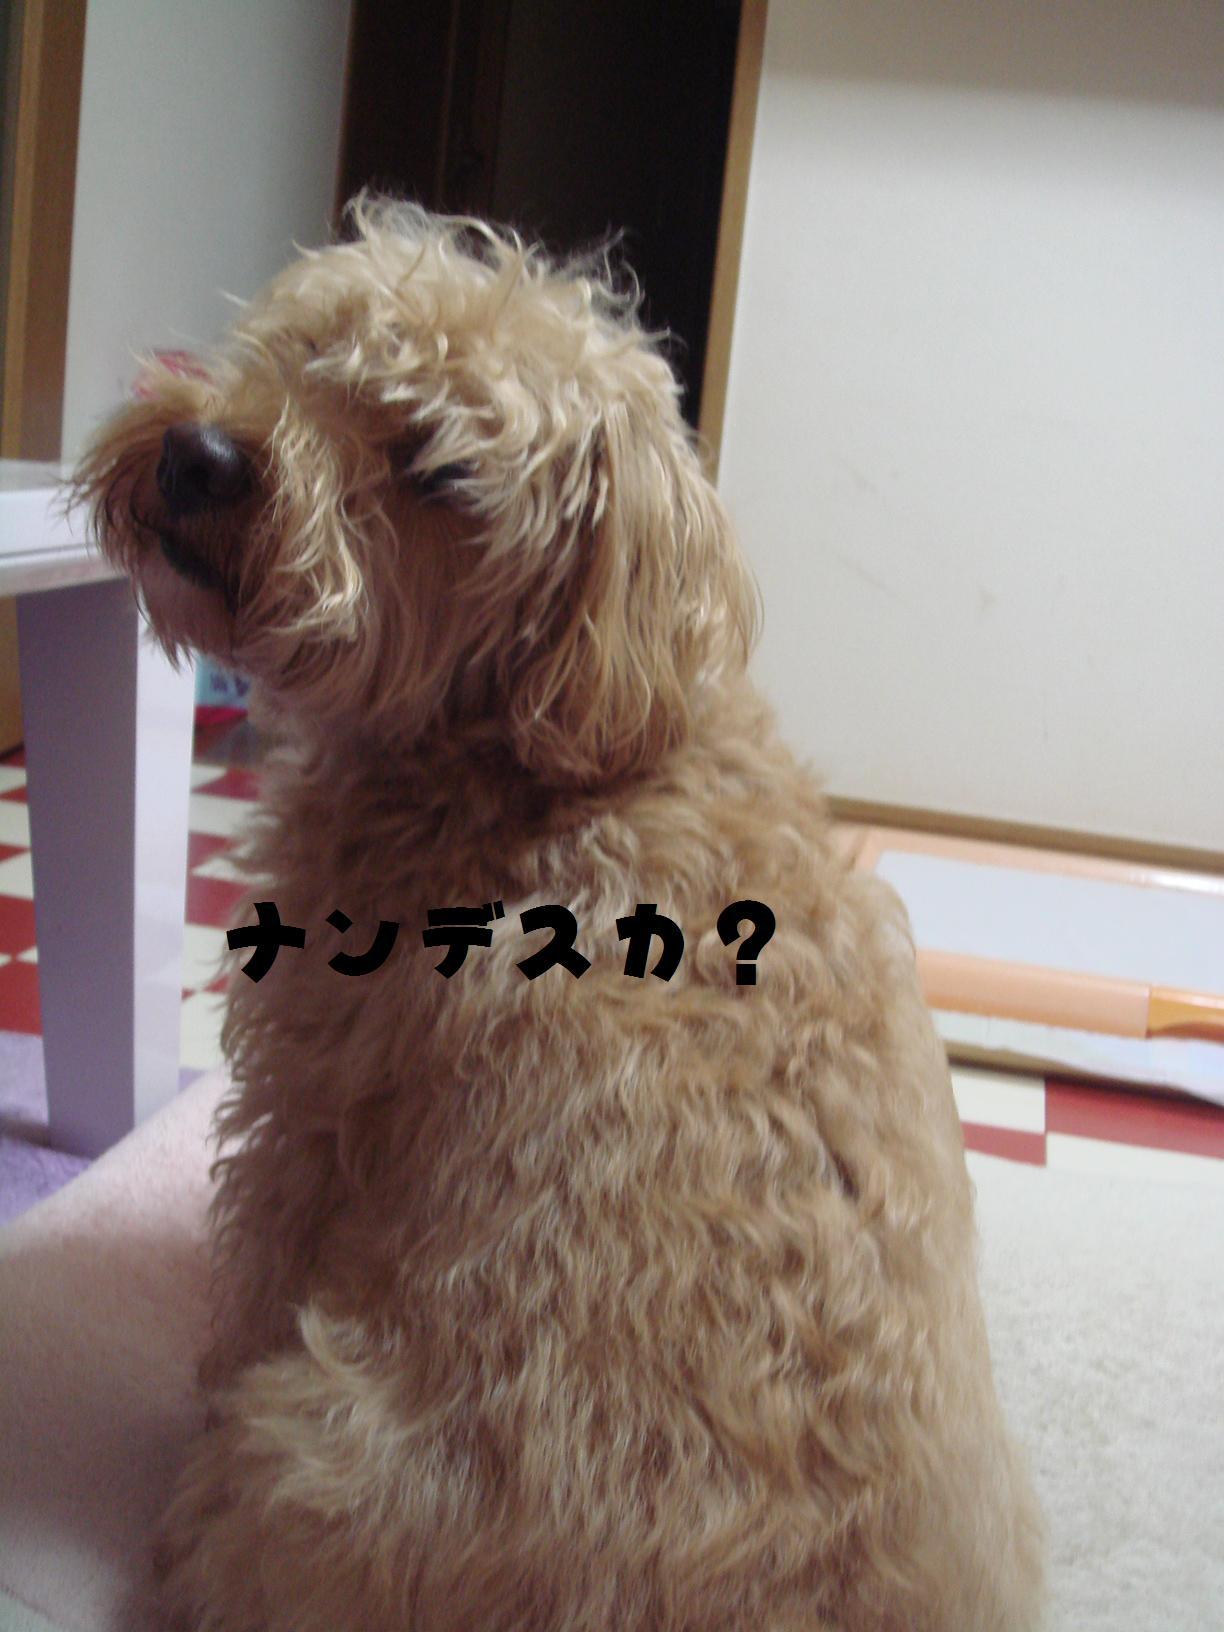 b0199912_1185699.jpg